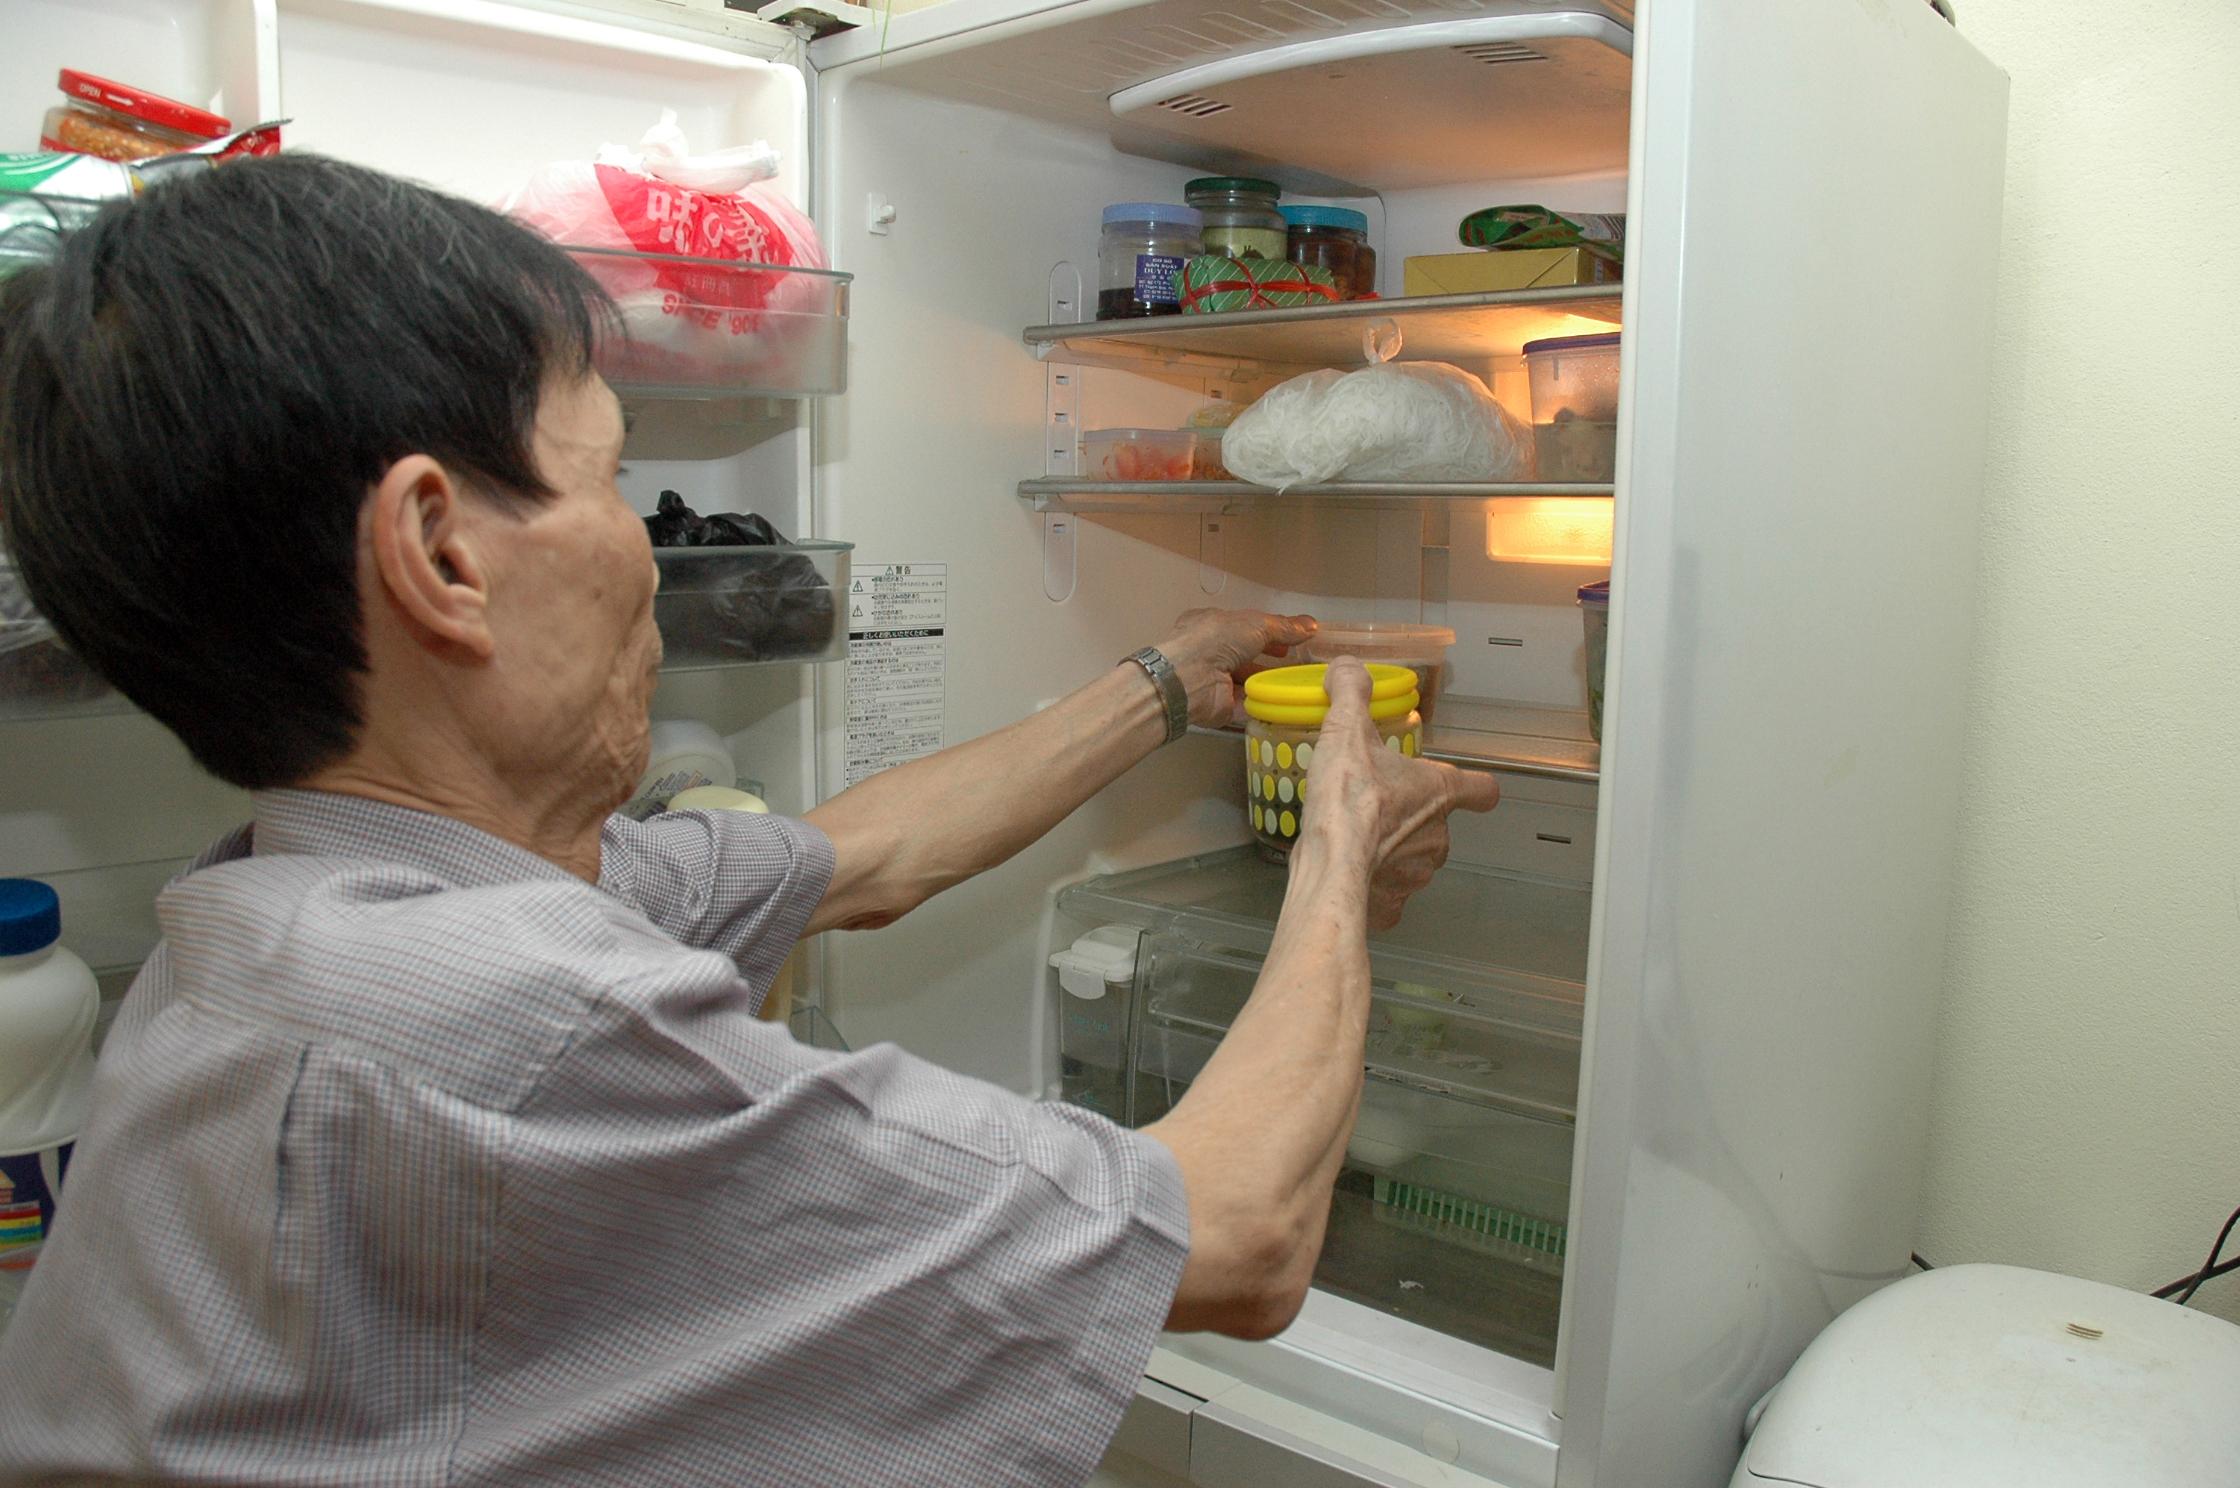 Cách sử dụng tủ lạnh ít tốn điện 1